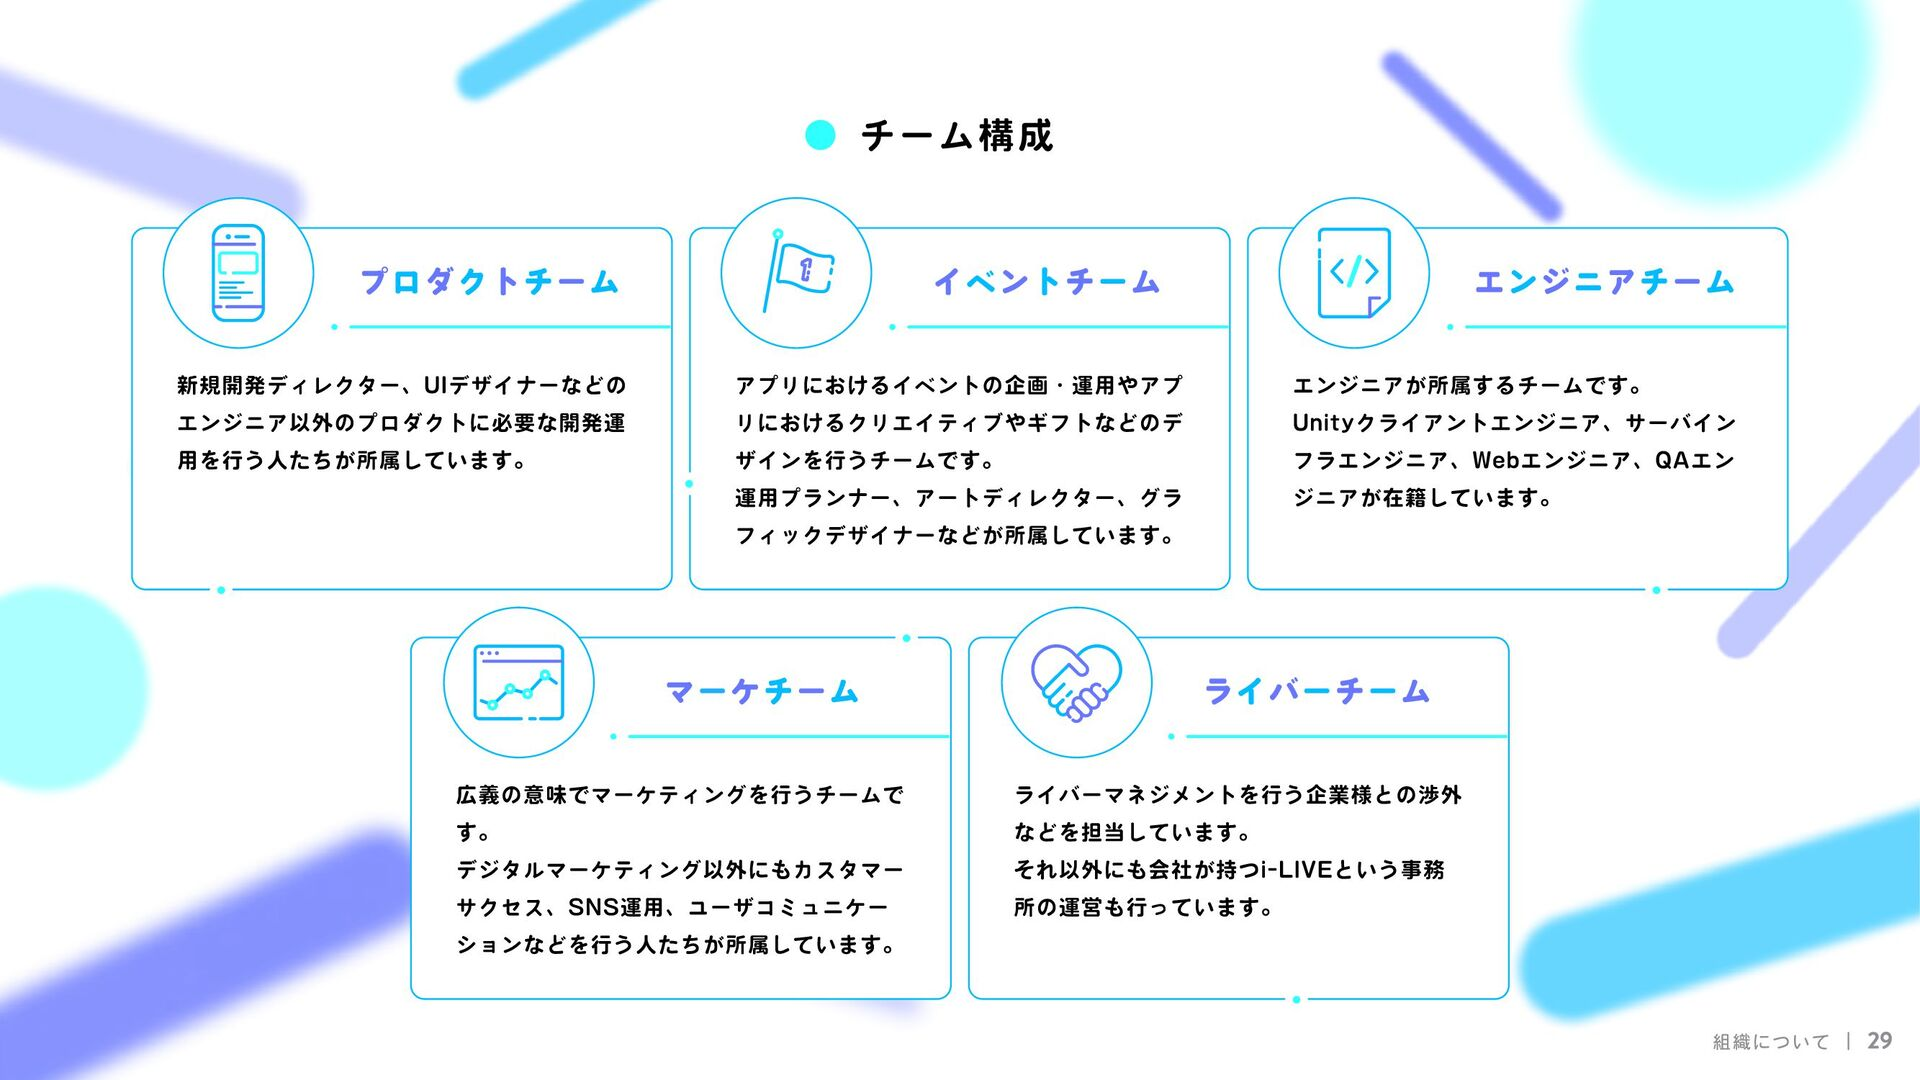 組織について 29 I R I A M プ ダ ト ー ロ ク チ ム 新規開発ディレクター、...